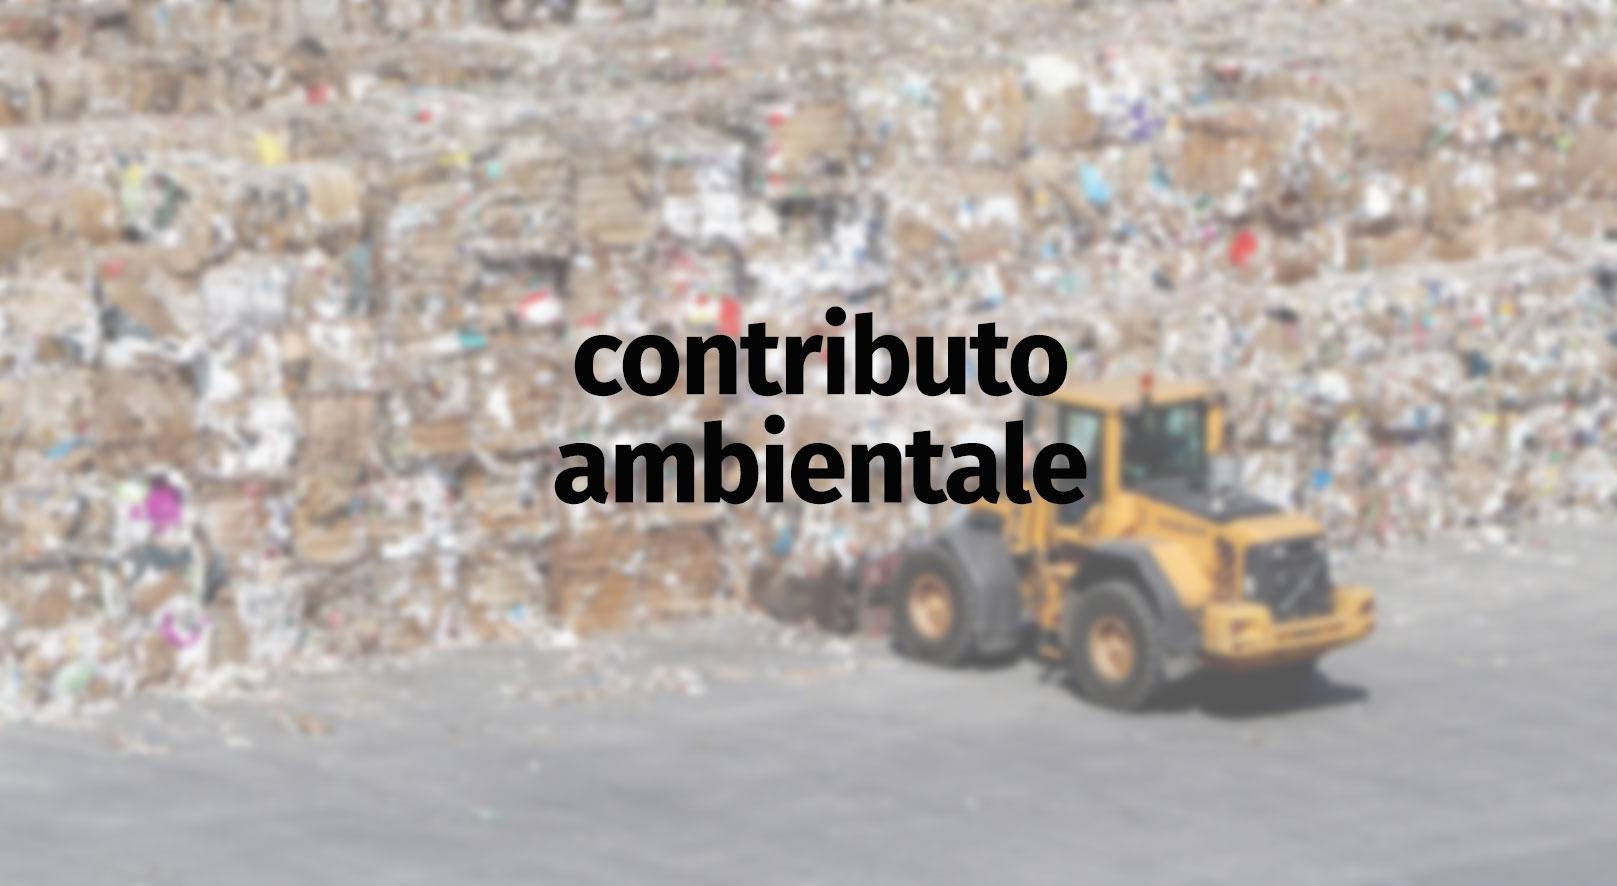 Contributo ambientale CONAI: cosa cambia?